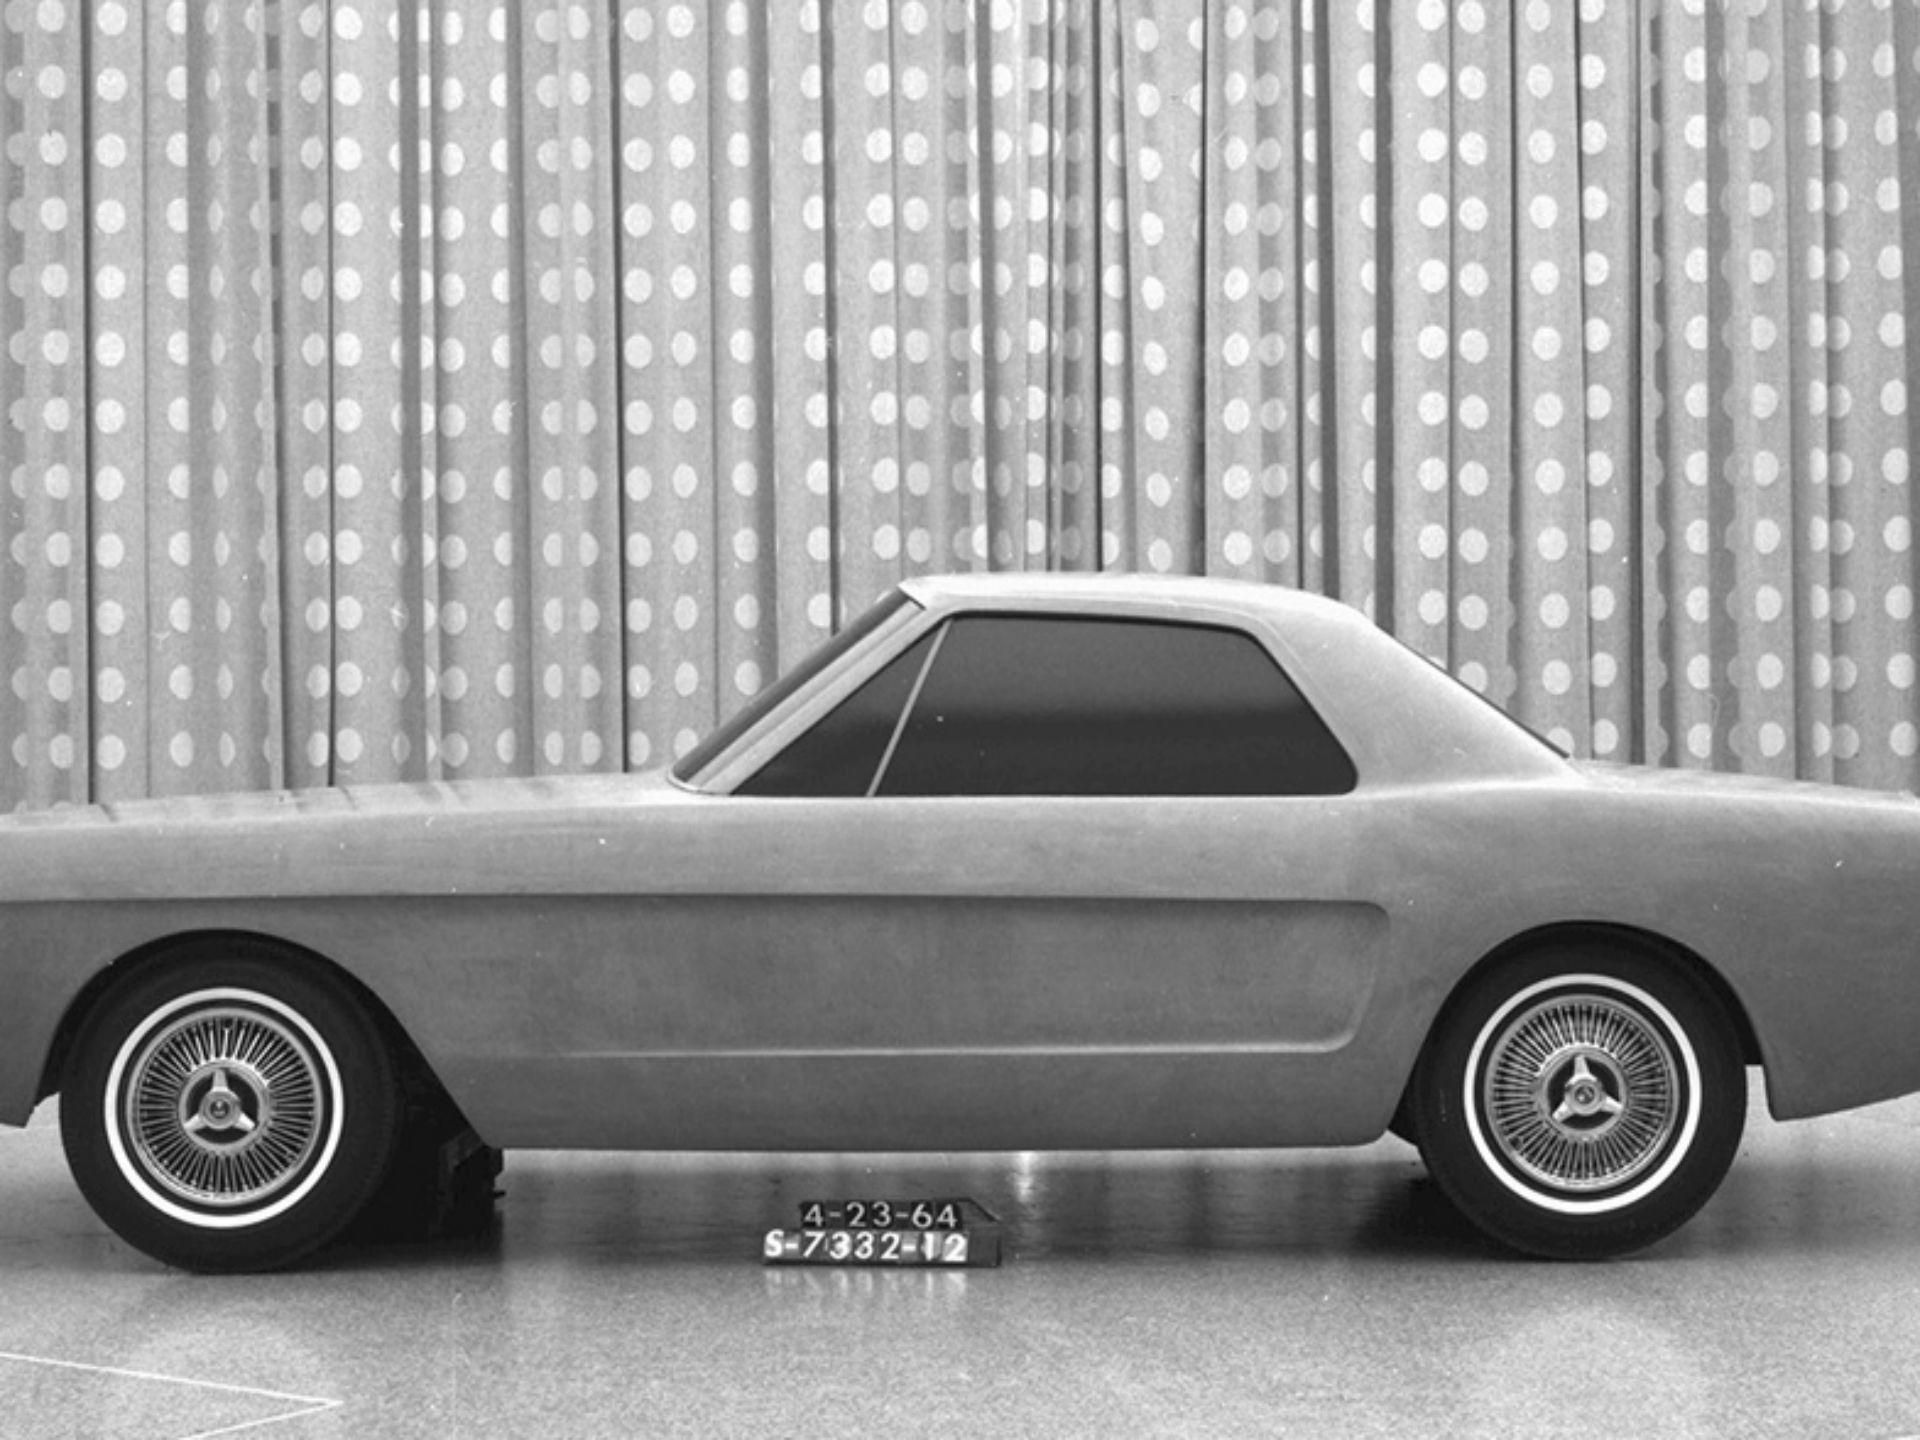 Desde autos que han pertenecido a actores conocidos hasta protagonistas de películas, los mustang jamás permitirán de sorprendernos. Éstos son los Mustang más costosos de la historia. Foto: Ford